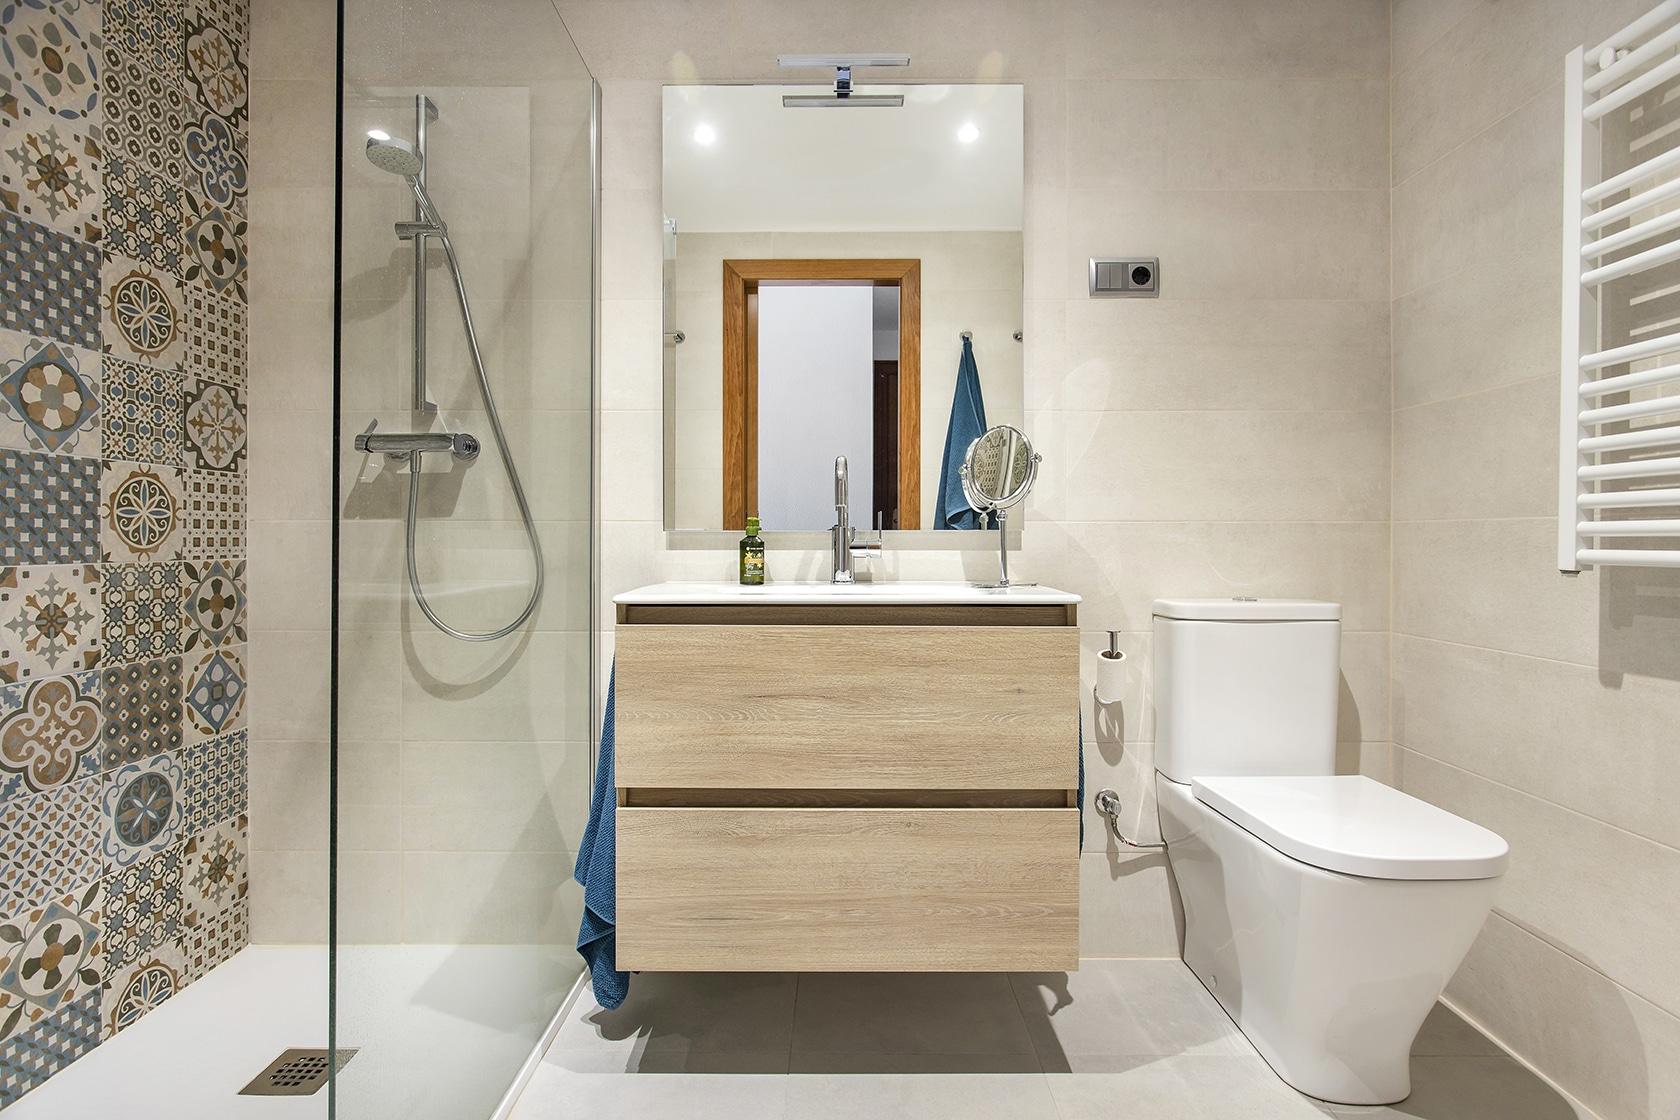 Vista general del baño. Inodoro a la derecha, pica con espejo y cajones en medio y ducha a la izquierda